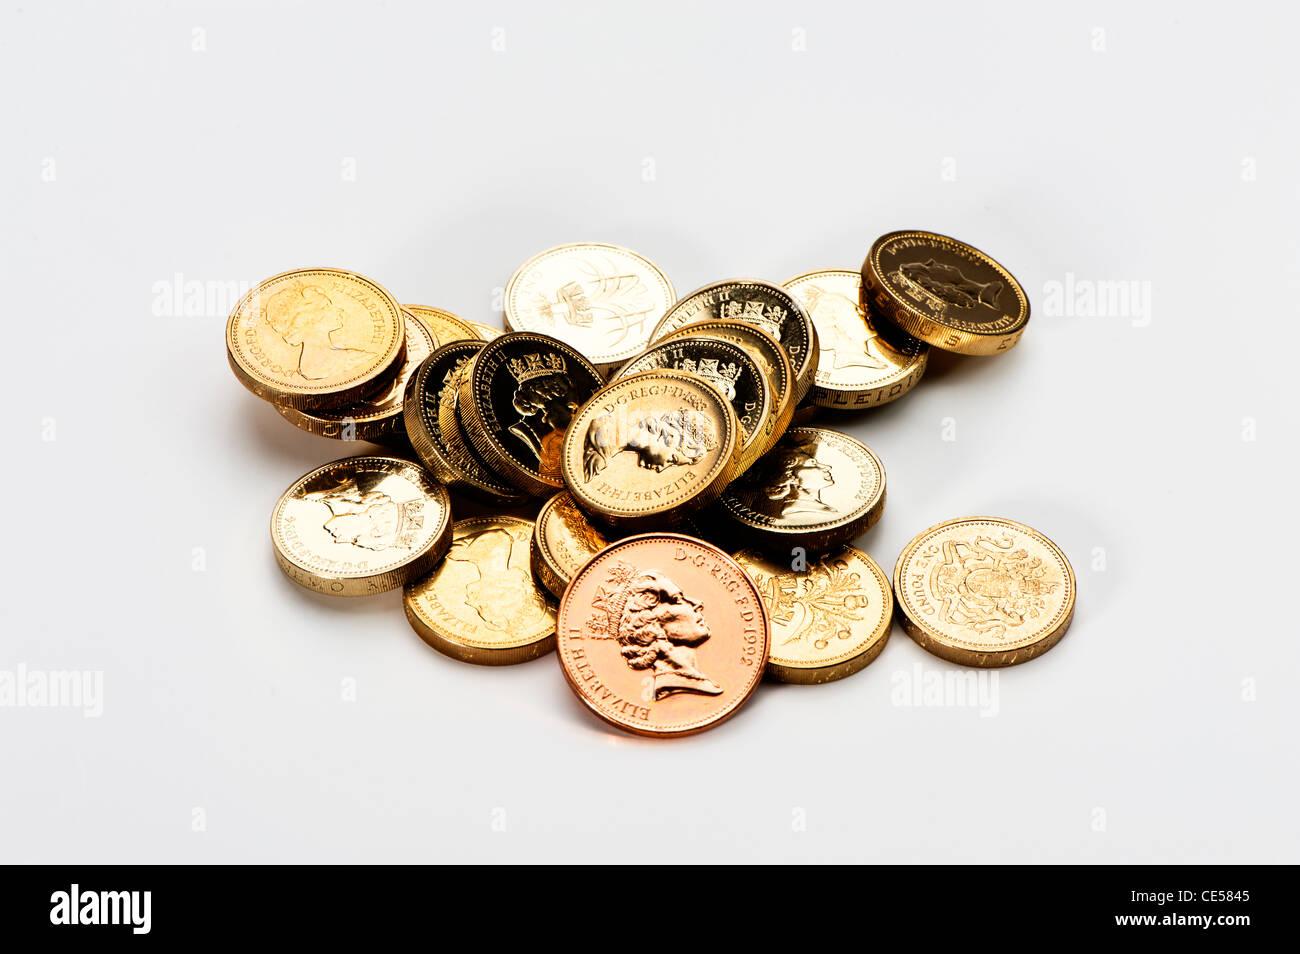 Englische Pfund Münzen Mit Einer 2 Pence Münze Stockfoto Bild